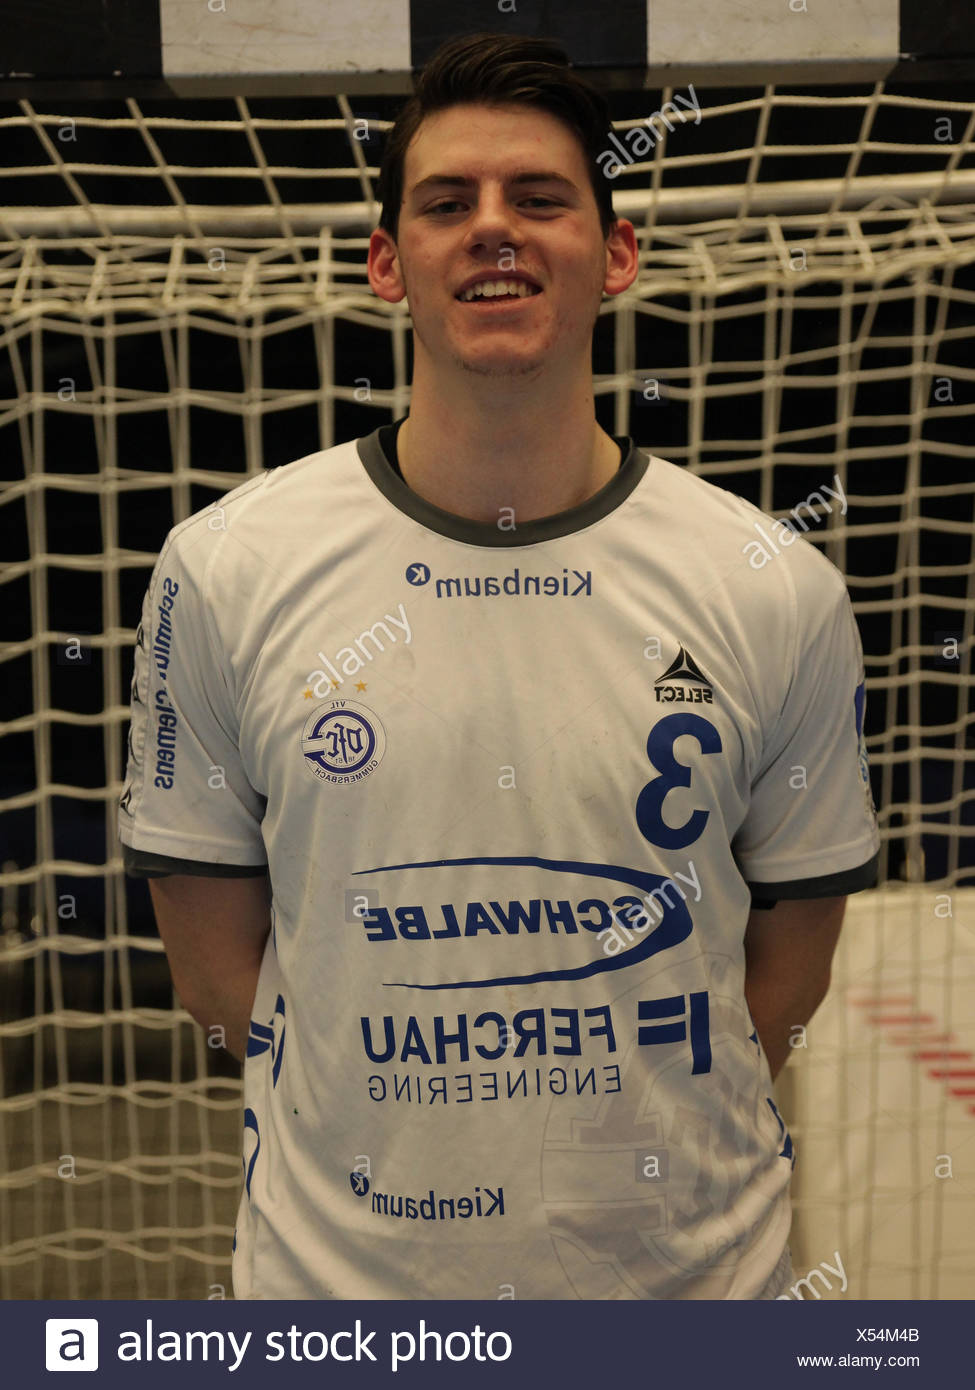 Simon Ernst - VfL Gummersbach - Stock Image